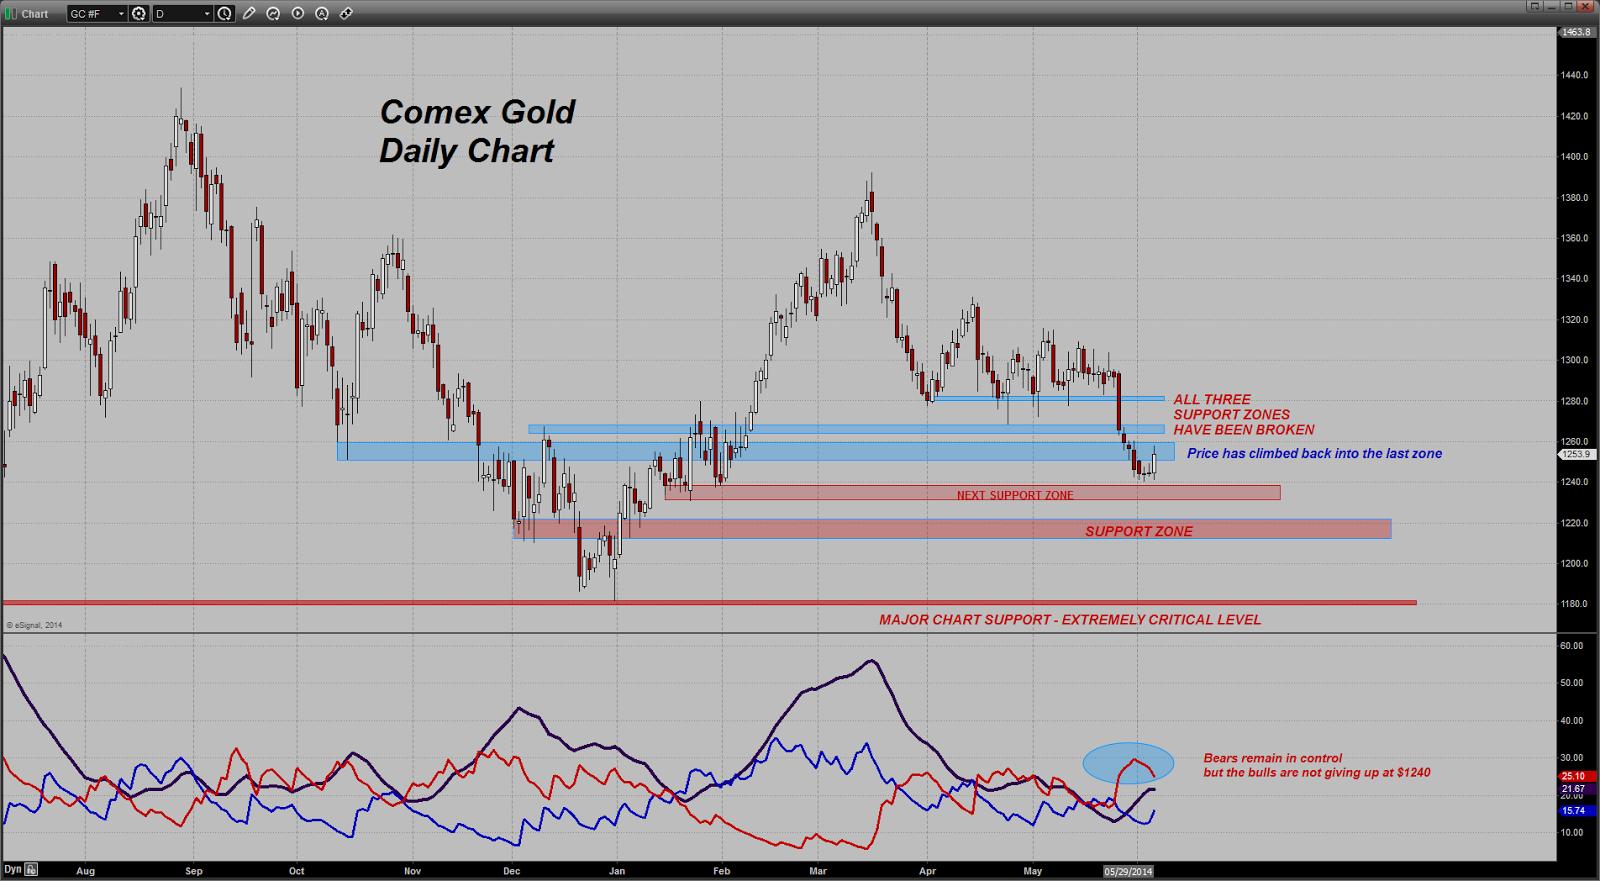 prix de l'or, de l'argent et des minières / suivi quotidien en clôture - Page 12 Chart20140605083655